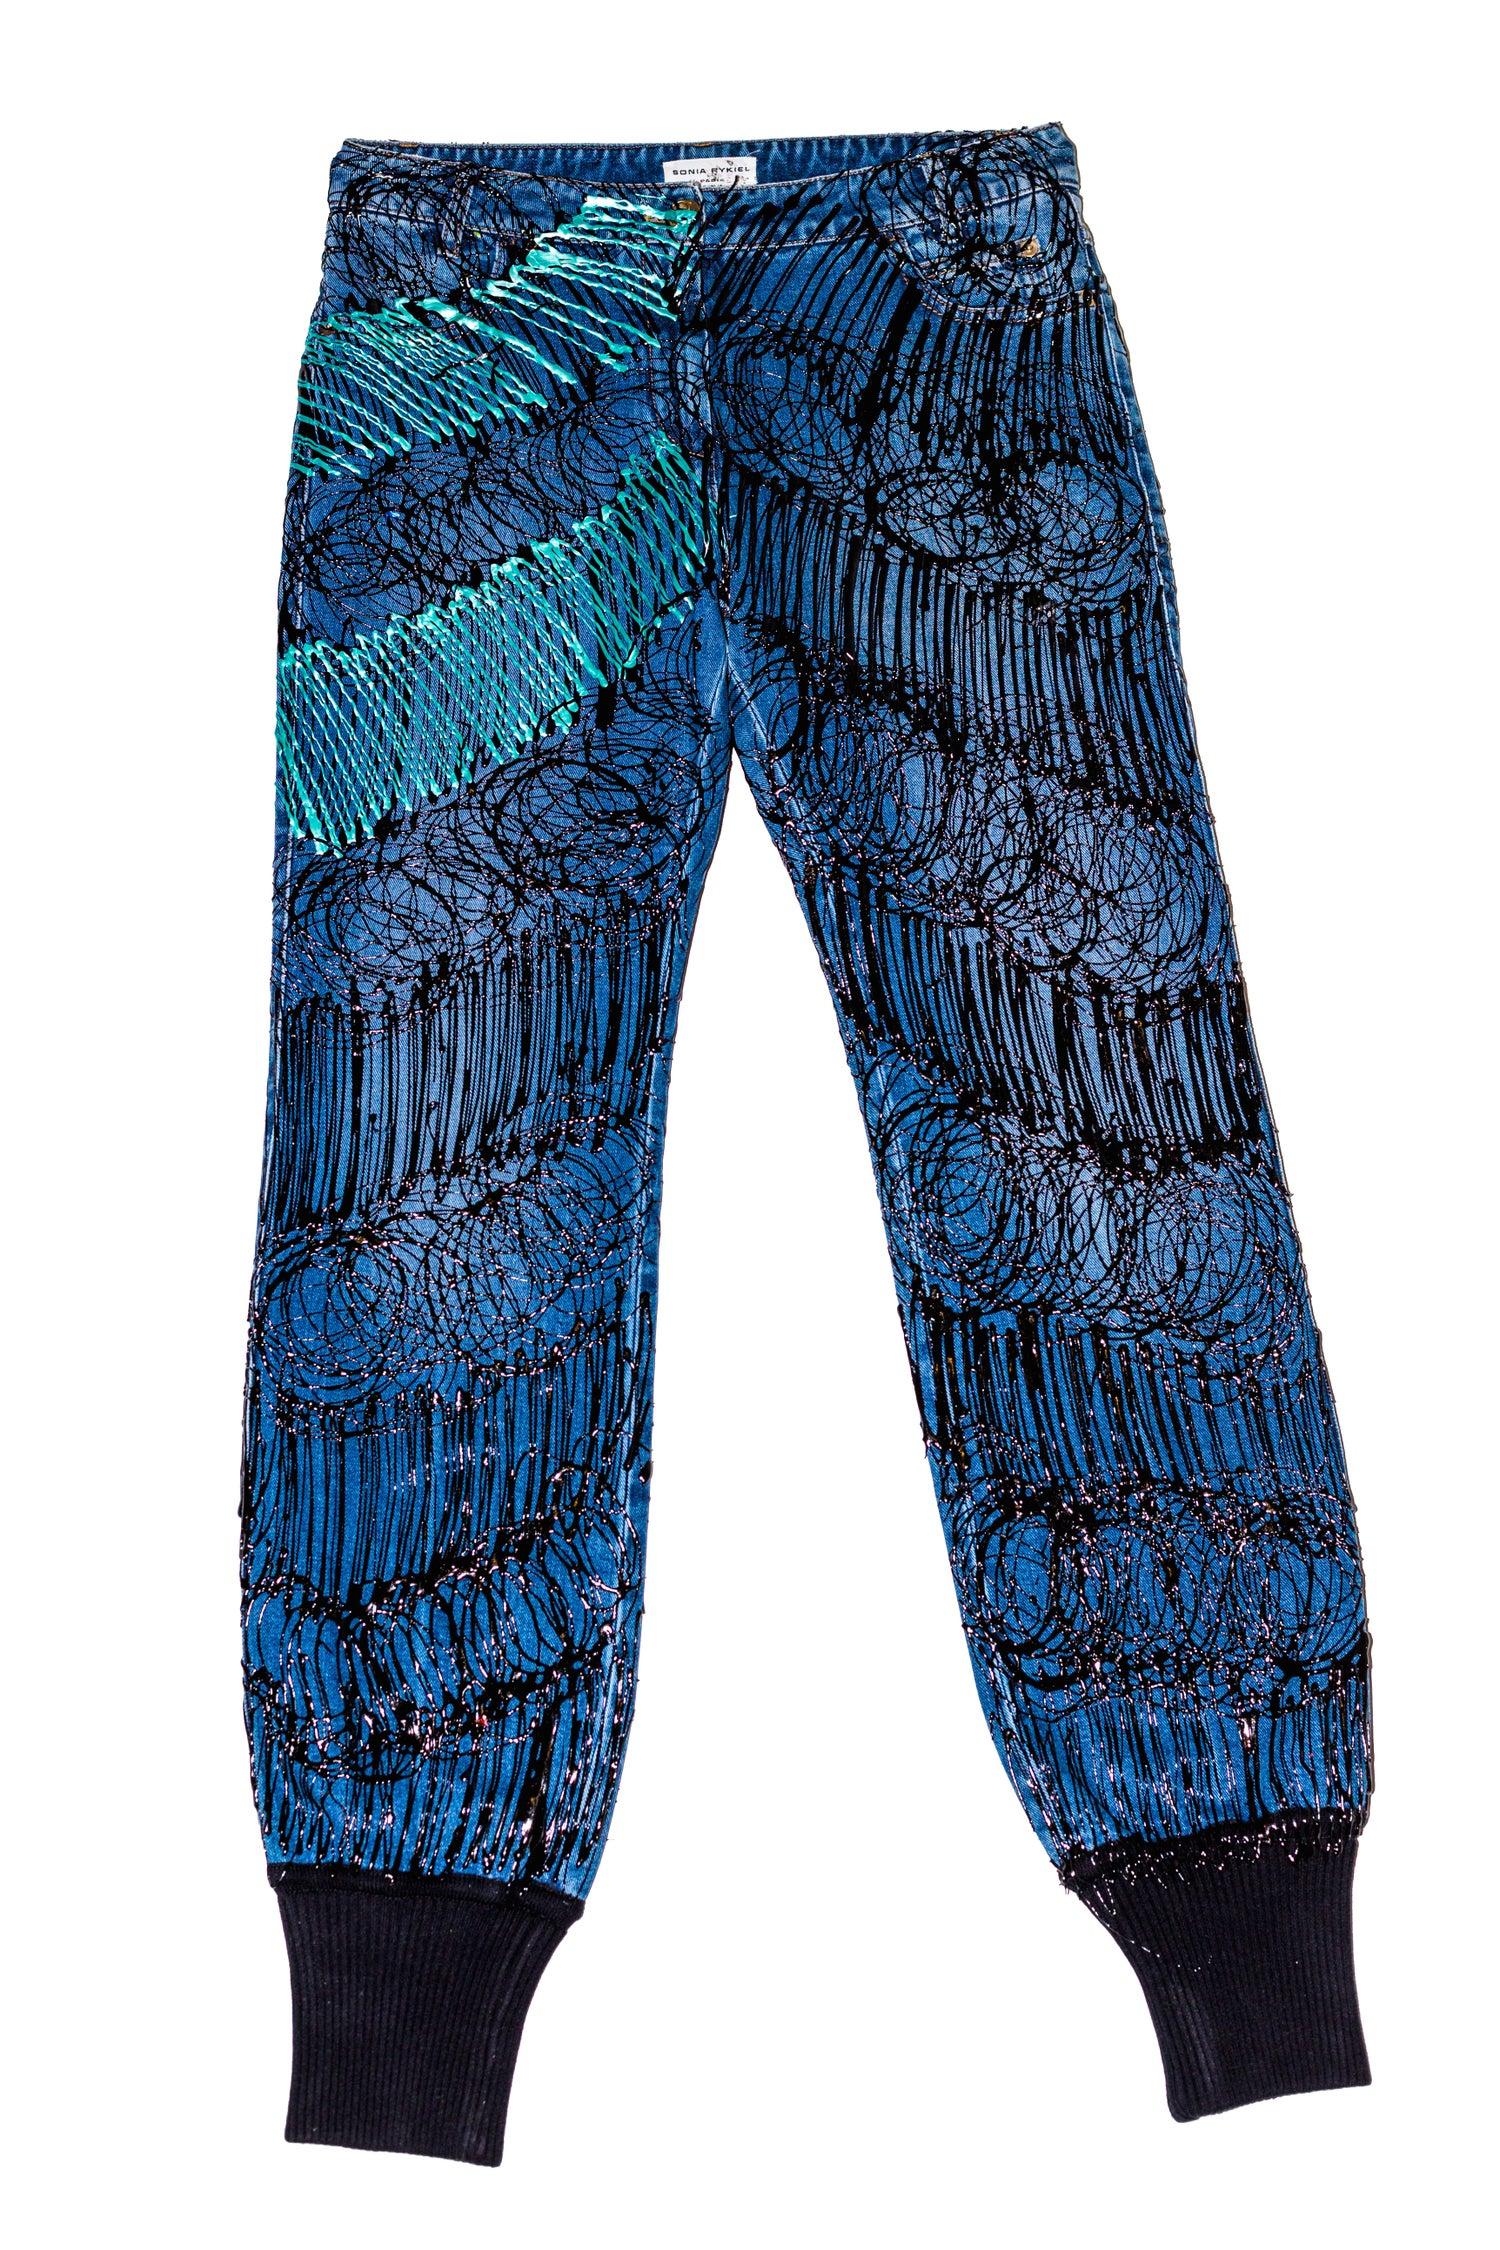 Image of Julie de Libran's Jeans For Refugees